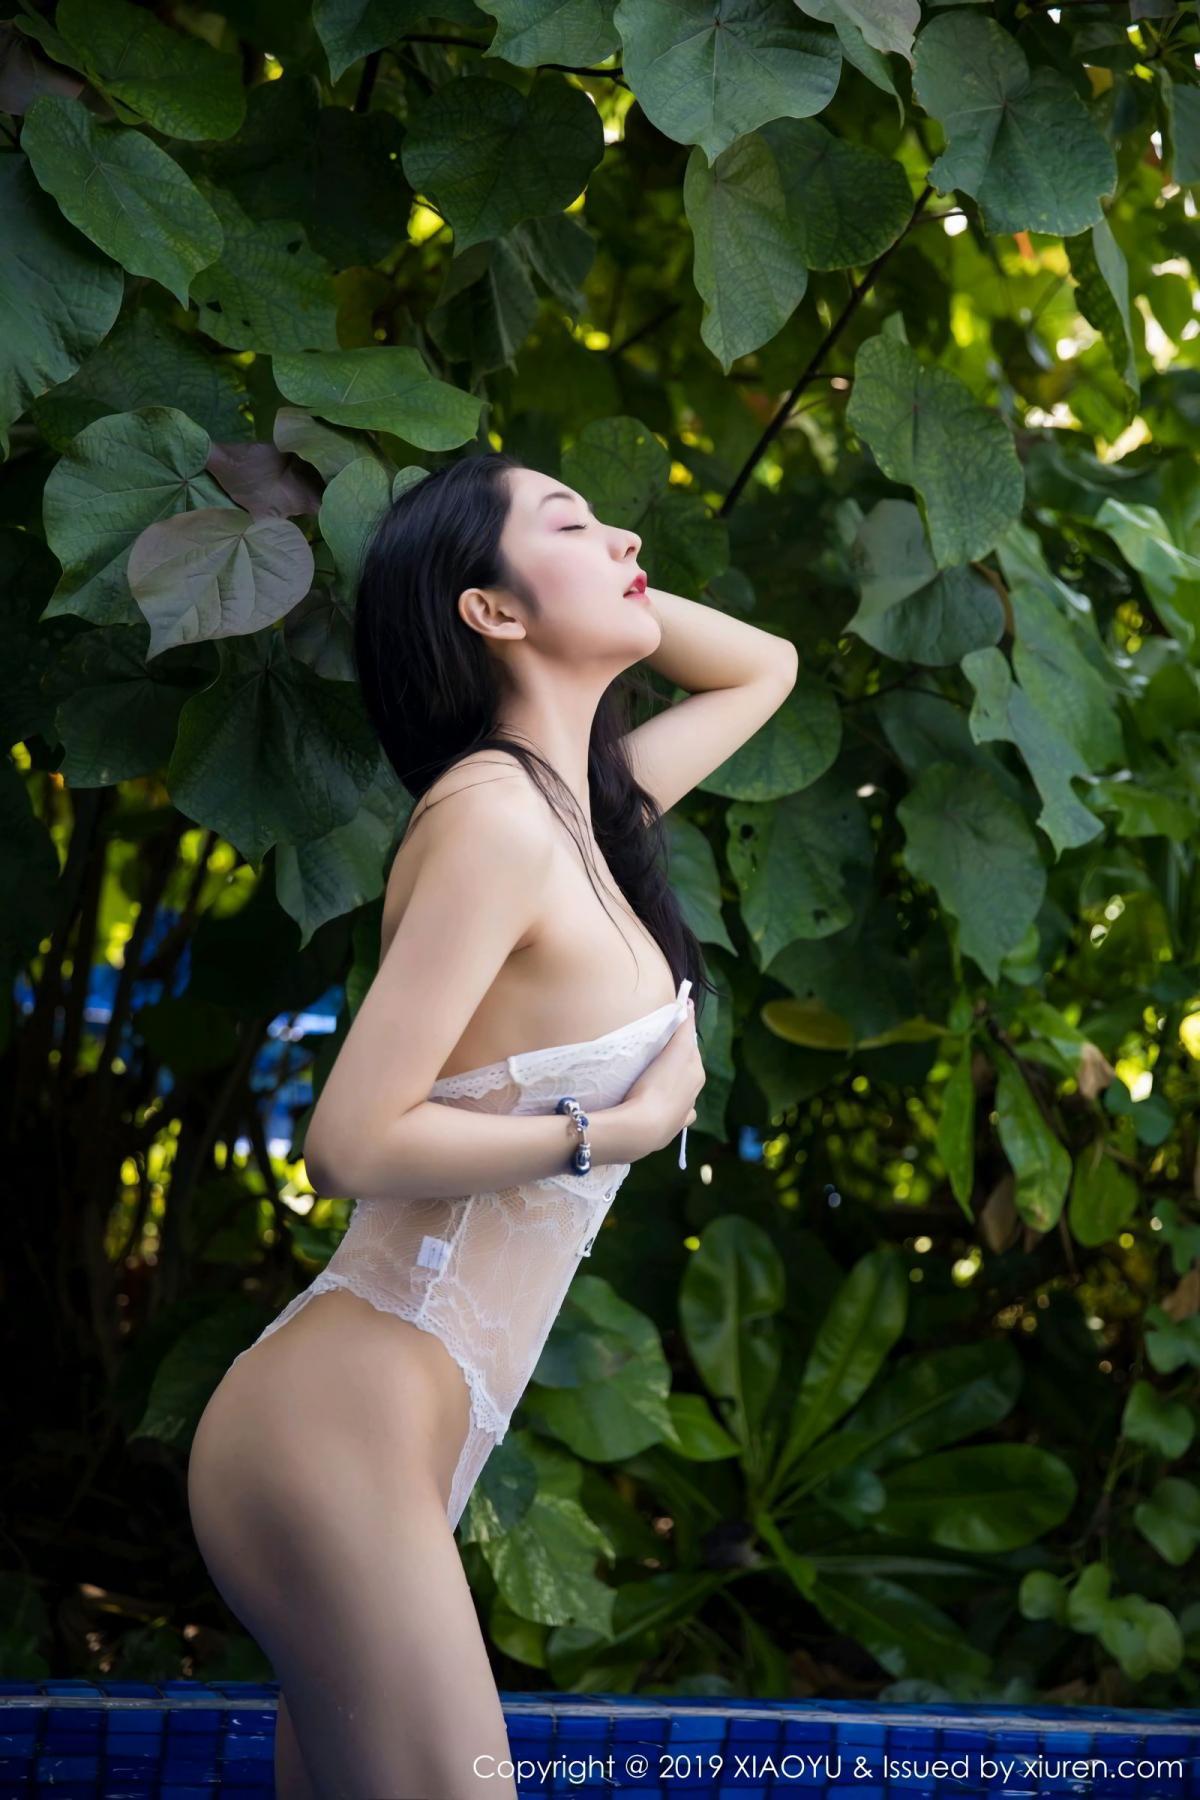 [XiaoYu] Vol.106 Di Yi 33P, Bikini, Di Yi, Swim Pool, Wet, XiaoYu